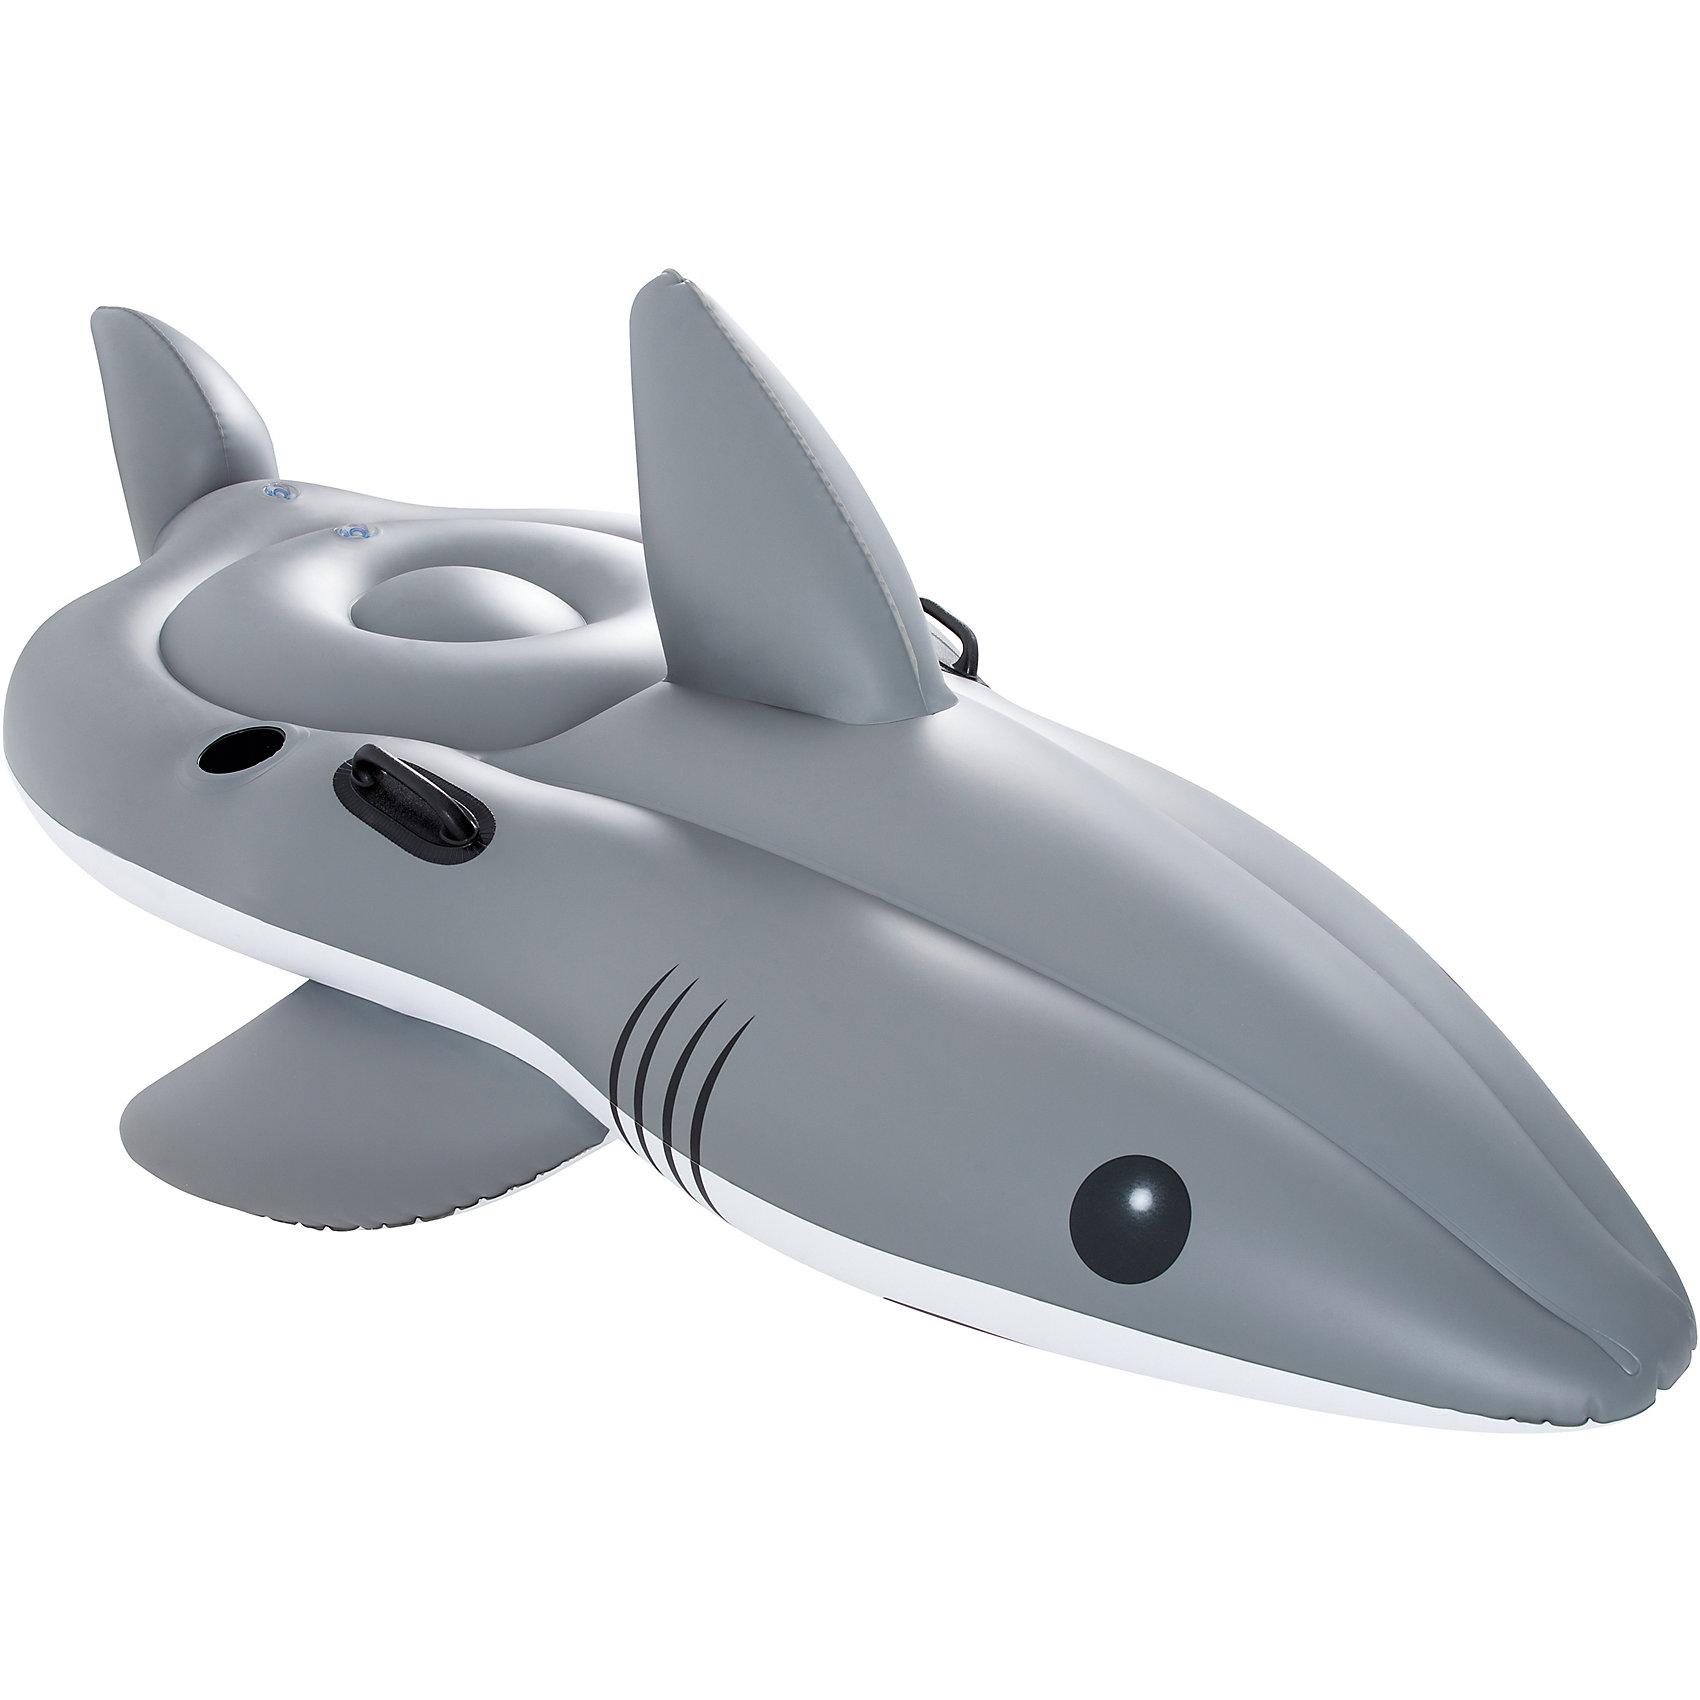 Надувная акула для катания верхом, BestwayМатрасы и лодки<br>Надувная акула для катания верхом, Bestway (Бествей)<br><br>Характеристики:<br><br>• вместительная акула для всей семьи<br>• есть отверстие для стакана<br>• прочные ручки<br>• заплатка в комплекте<br>• материал: ПВХ<br>• размер: 254х122 см<br>• вес: 4 кг<br>• размер упаковки: 12х41х40 см<br><br>Забавная акула поможет вам разнообразить отдых в воде. Садитесь верхом на акулу, держитесь за плавник - веселье гарантировано! Для вашего комфорта плотик оснащен удобными прочными ручками и специальным держателем для стаканов или бутылок с напитками. <br><br>Надувную акулу для катания верхом, Bestway (Бествей) можно купить в нашем интернет-магазине.<br><br>Ширина мм: 420<br>Глубина мм: 365<br>Высота мм: 415<br>Вес г: 3997<br>Возраст от месяцев: 36<br>Возраст до месяцев: 2147483647<br>Пол: Унисекс<br>Возраст: Детский<br>SKU: 5486889